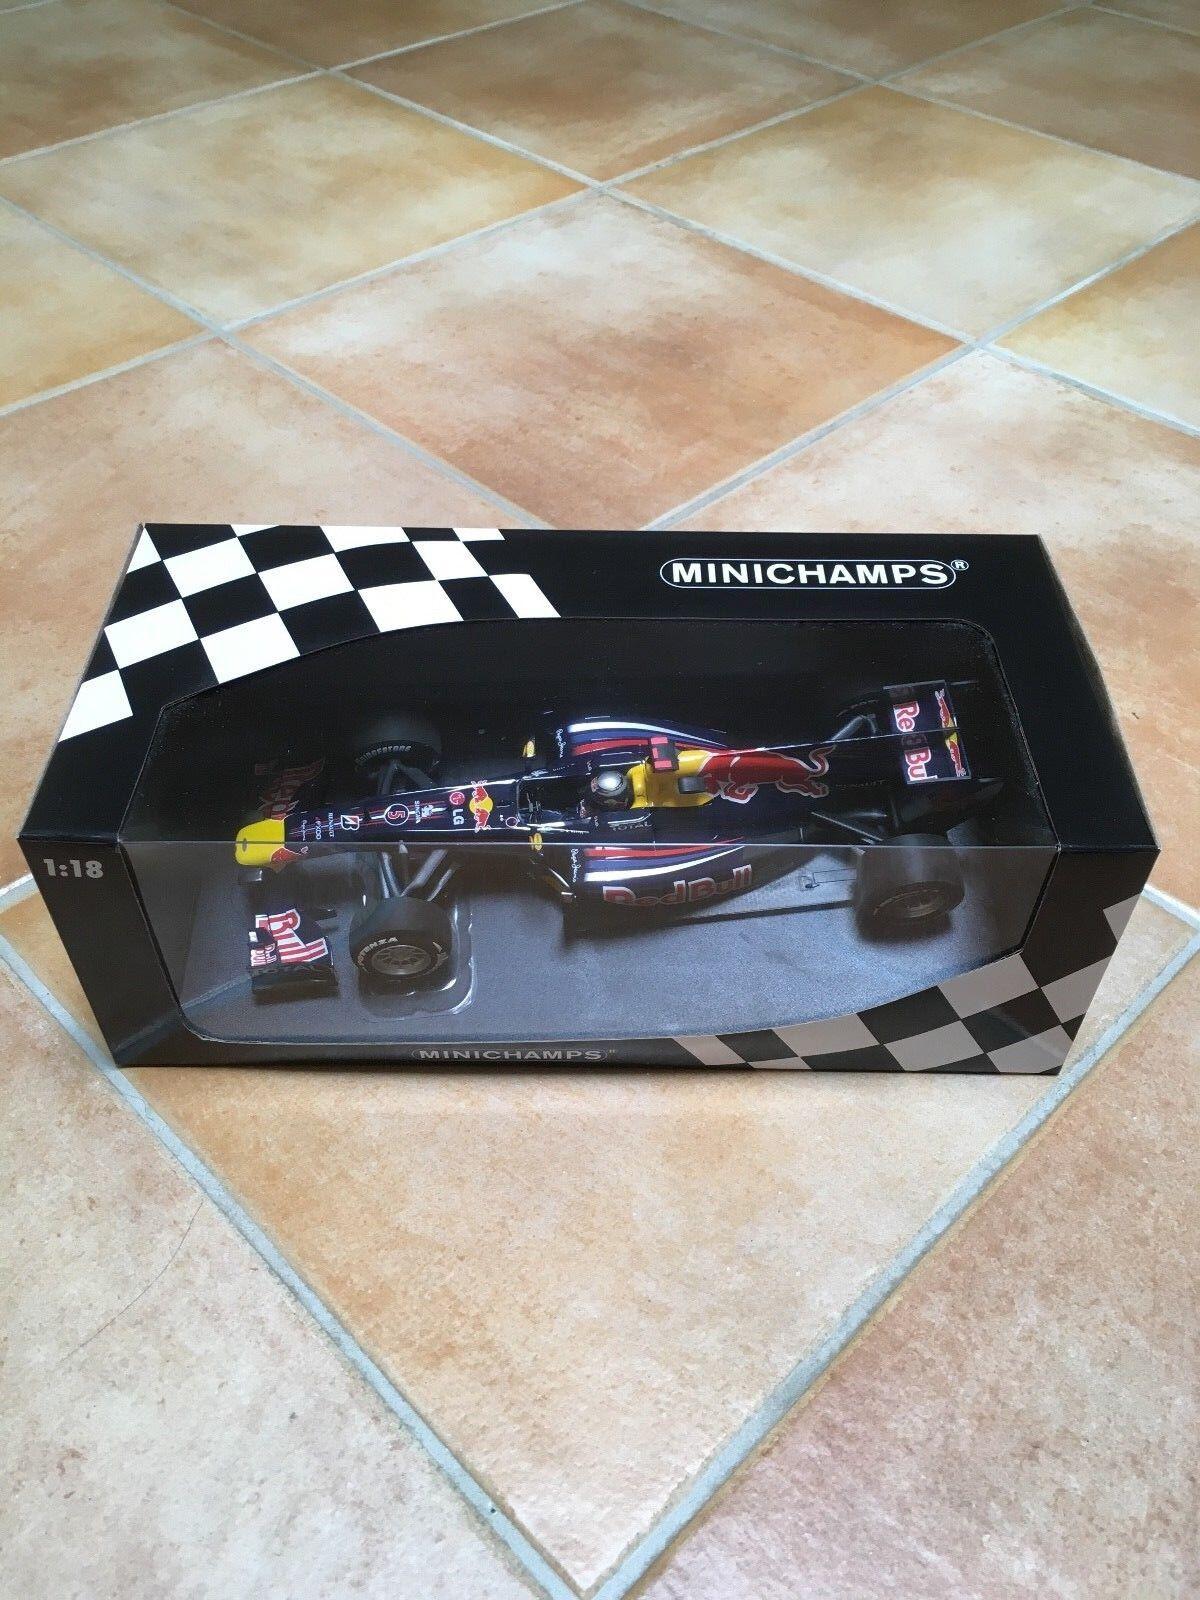 MINICHAMPS RED BULL RACING RENAULT RB6 SEBASTIAN VETTEL 2010